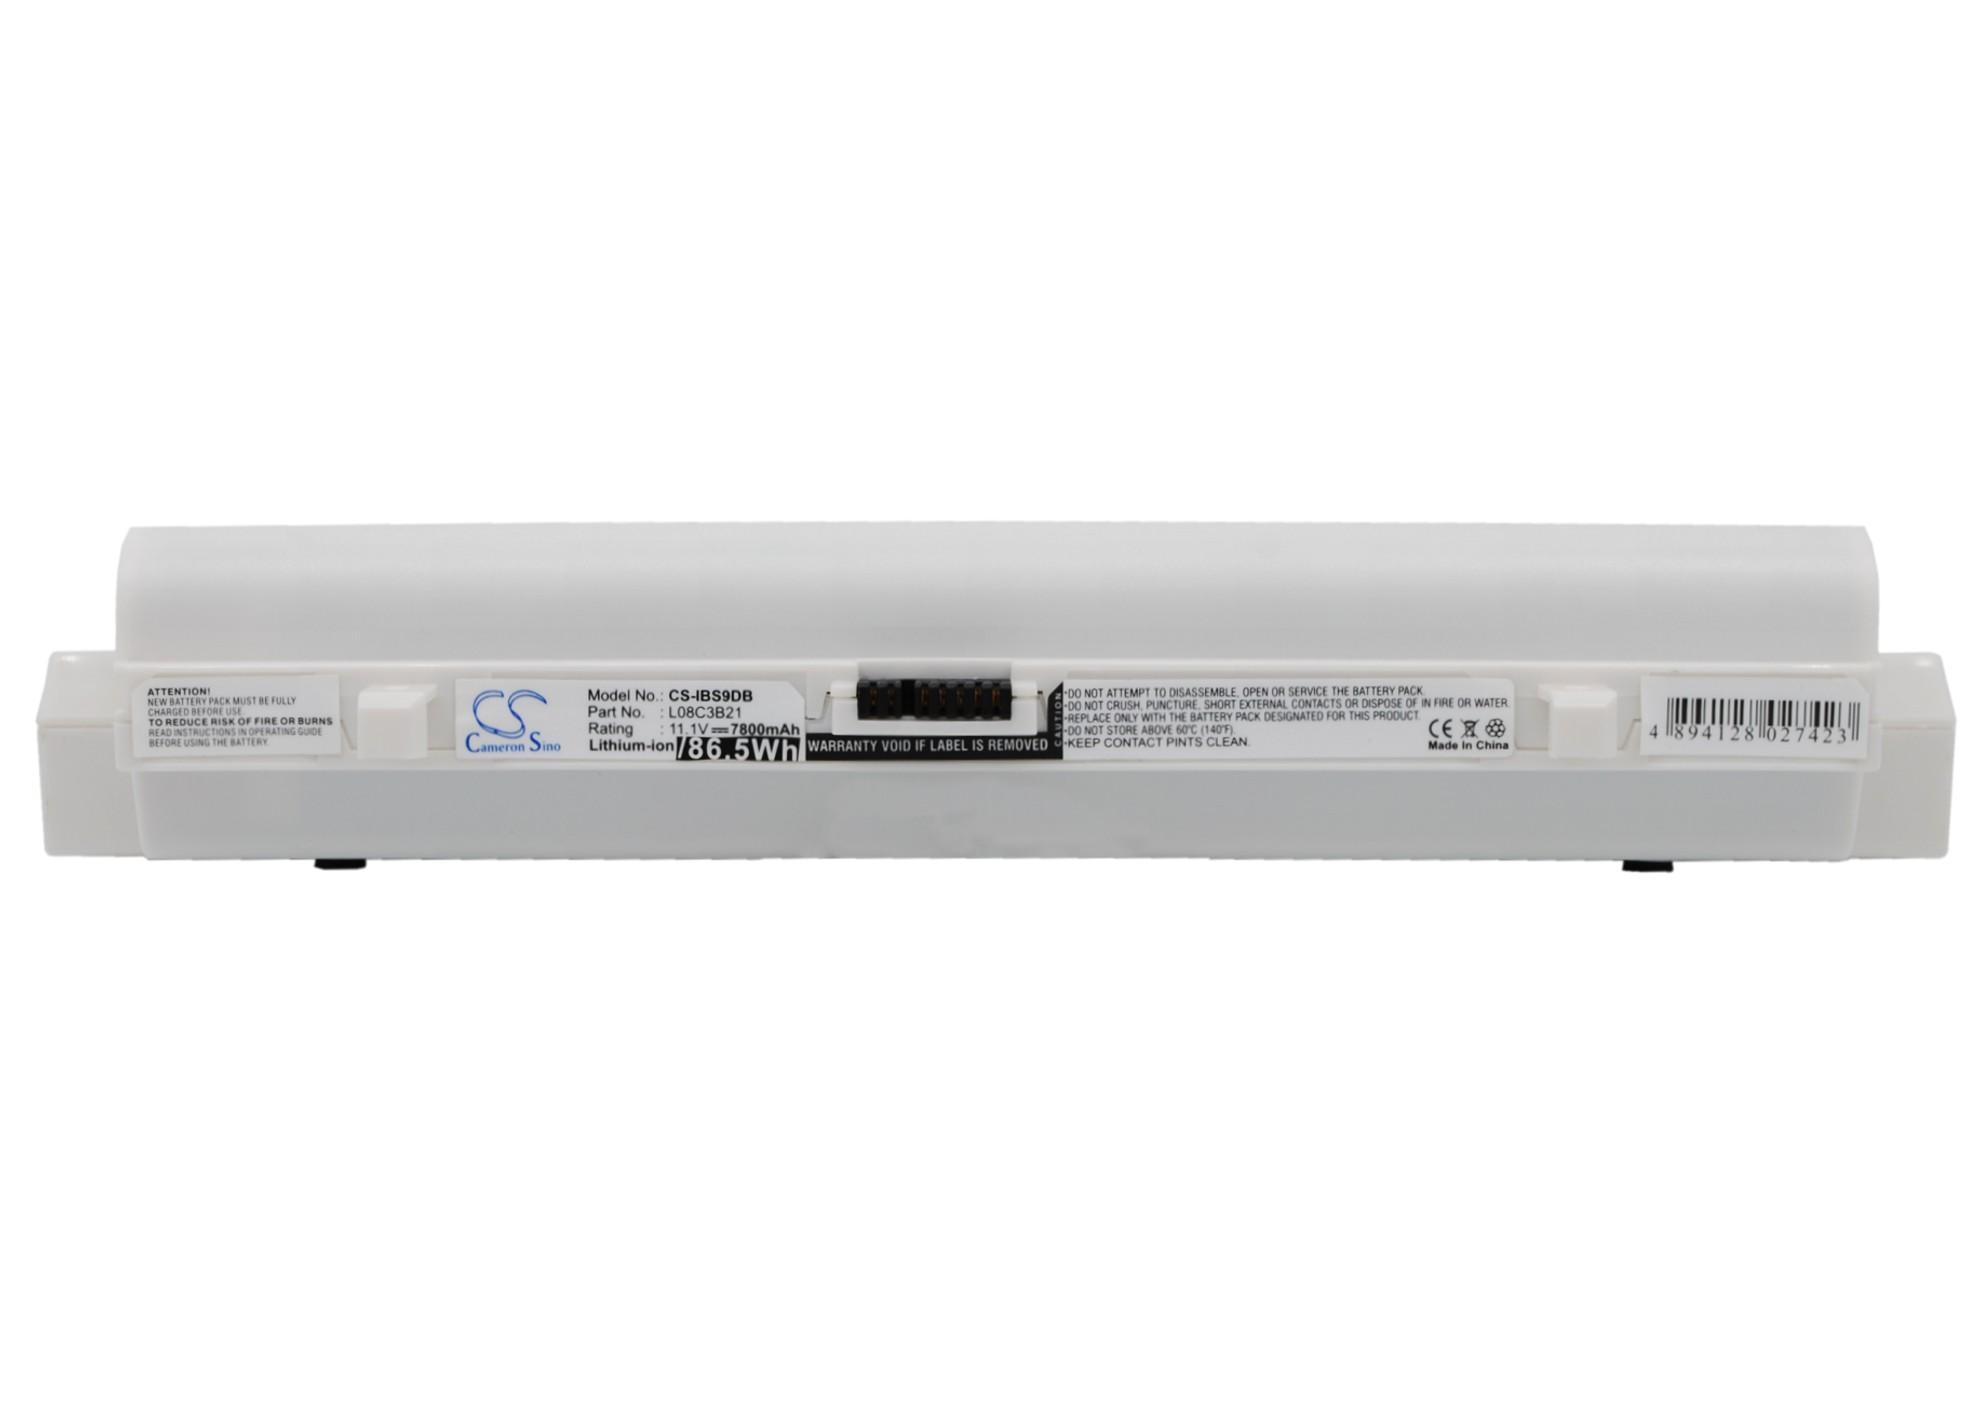 Cameron Sino baterie do notebooků pro LENOVO ideapad S10e 11.1V Li-ion 7800mAh bílá - neoriginální